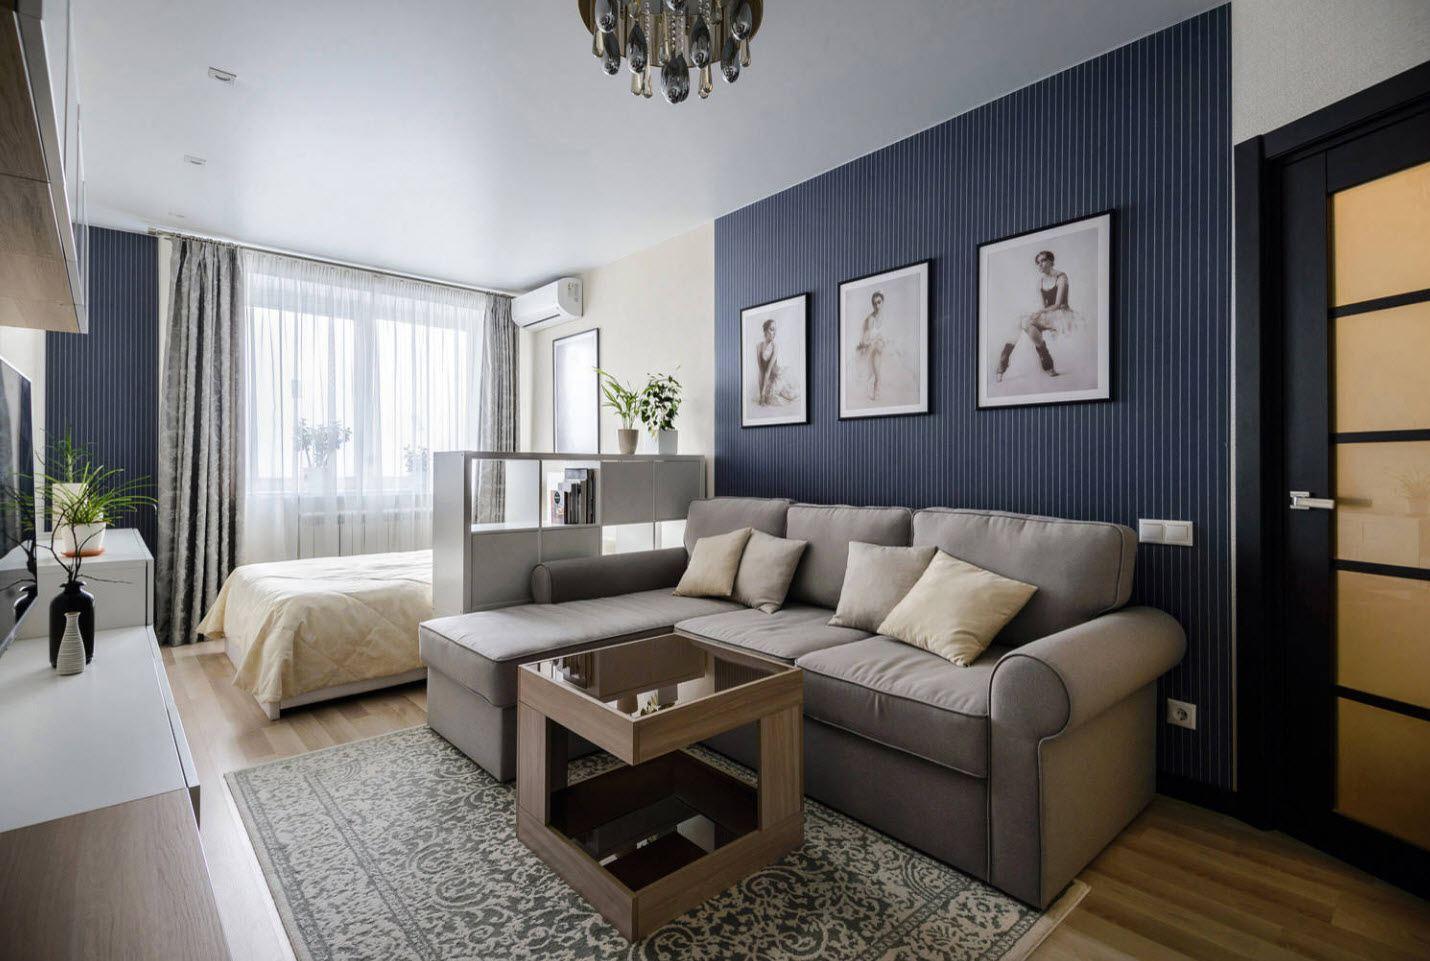 обеих дизайн реальных фото однокомнатной квартиры создания